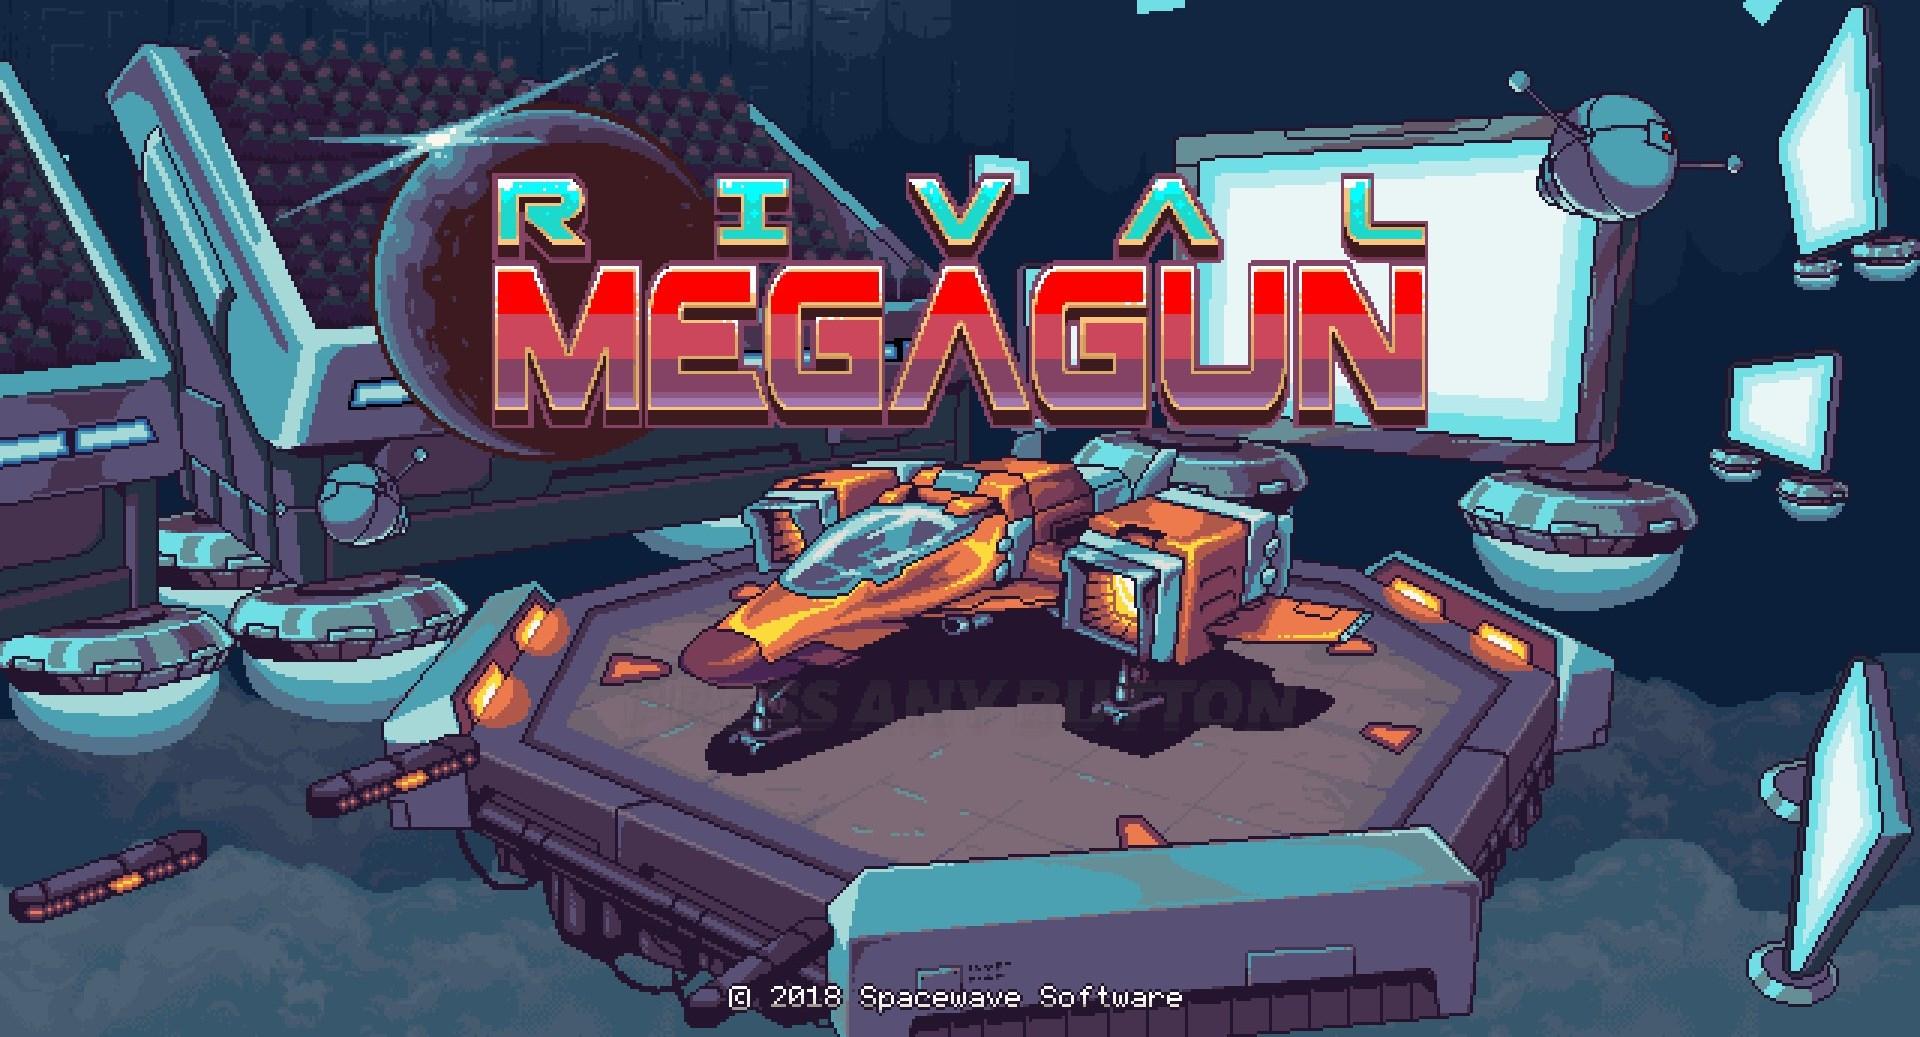 نقد و بررسی بازی Rival Megagun